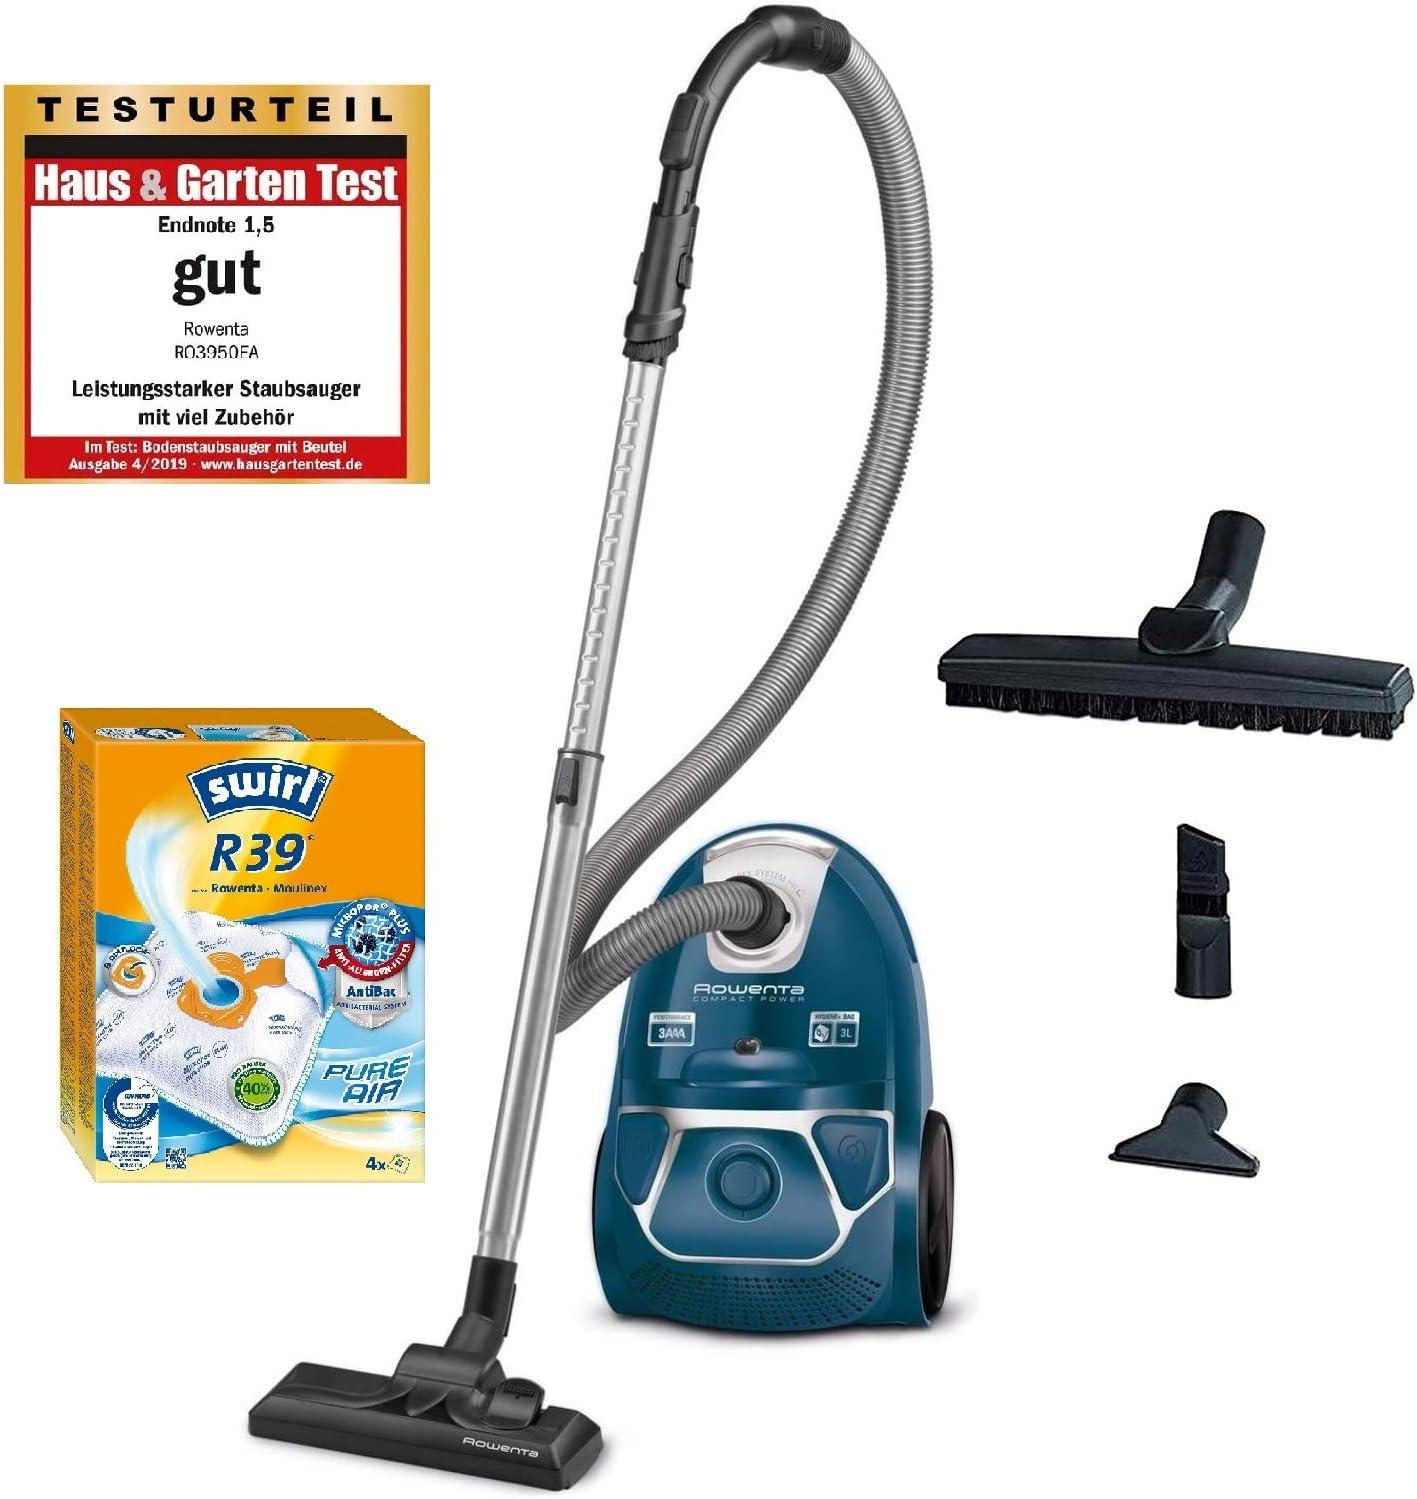 Rowenta RO3950 - Aspiradora con bolsa, 750 W=2000 W, extremadamente silenciosa, filtro higiénico, con boquilla para parqué, color azul: Amazon.es: Hogar